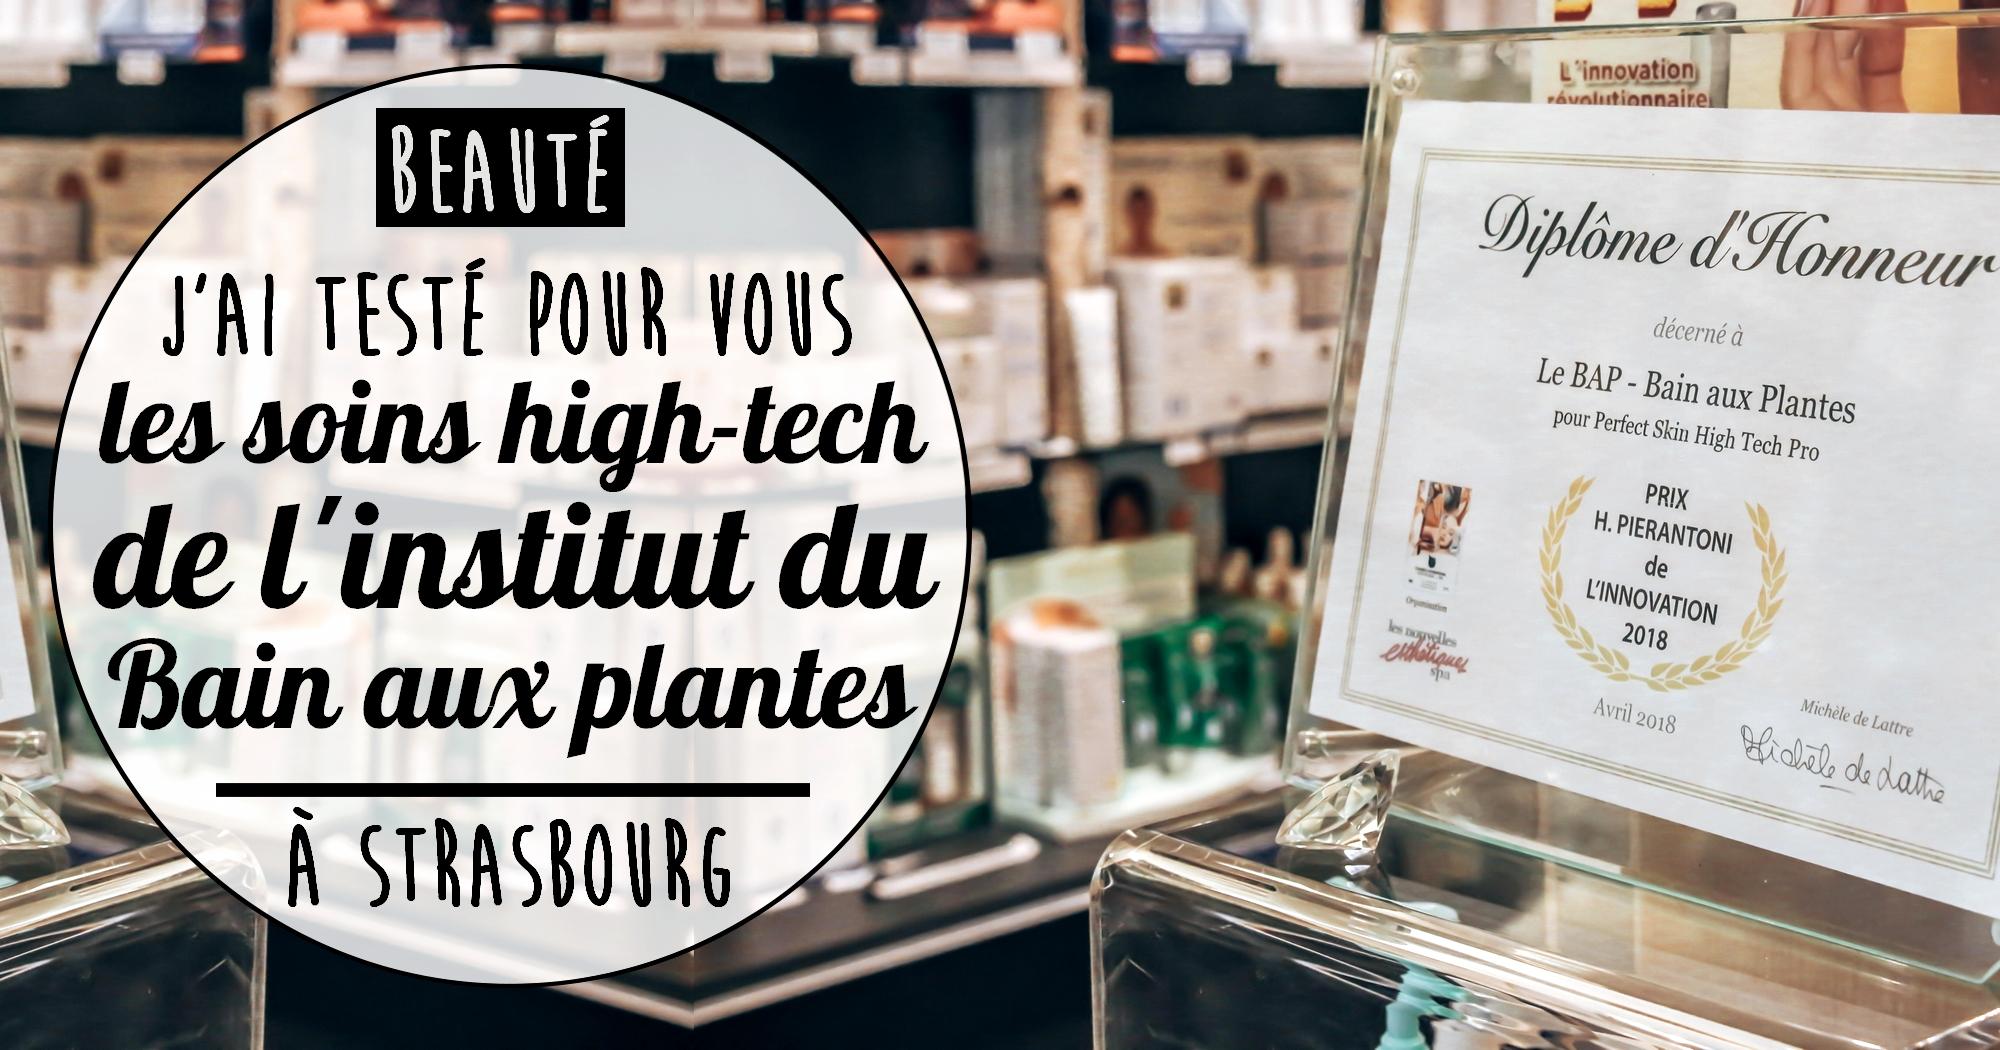 J'ai testé pour vous : les soins high-tech de l'institut du Bain Aux Plantes à Strasbourg